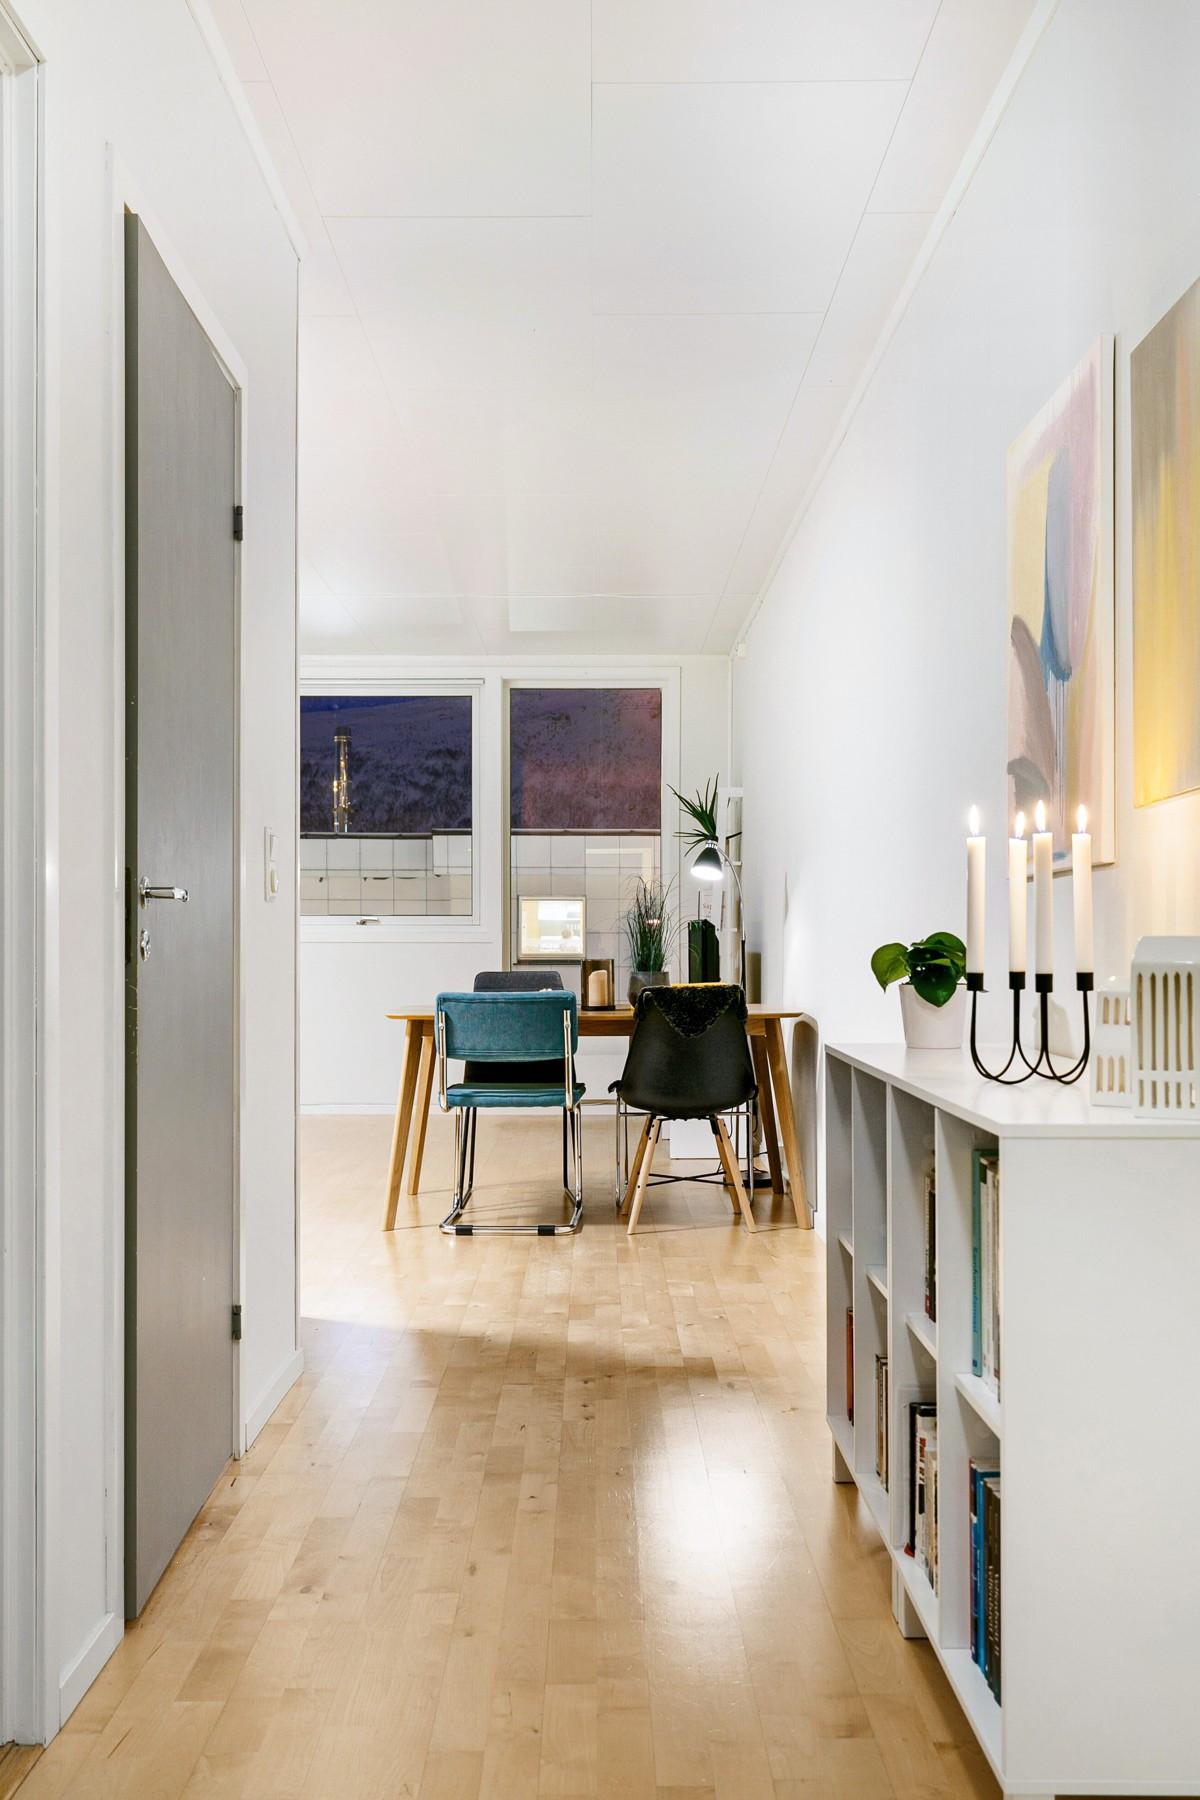 Gang mellom vindfang og kjøkken med inngang til soverom, bod og bad